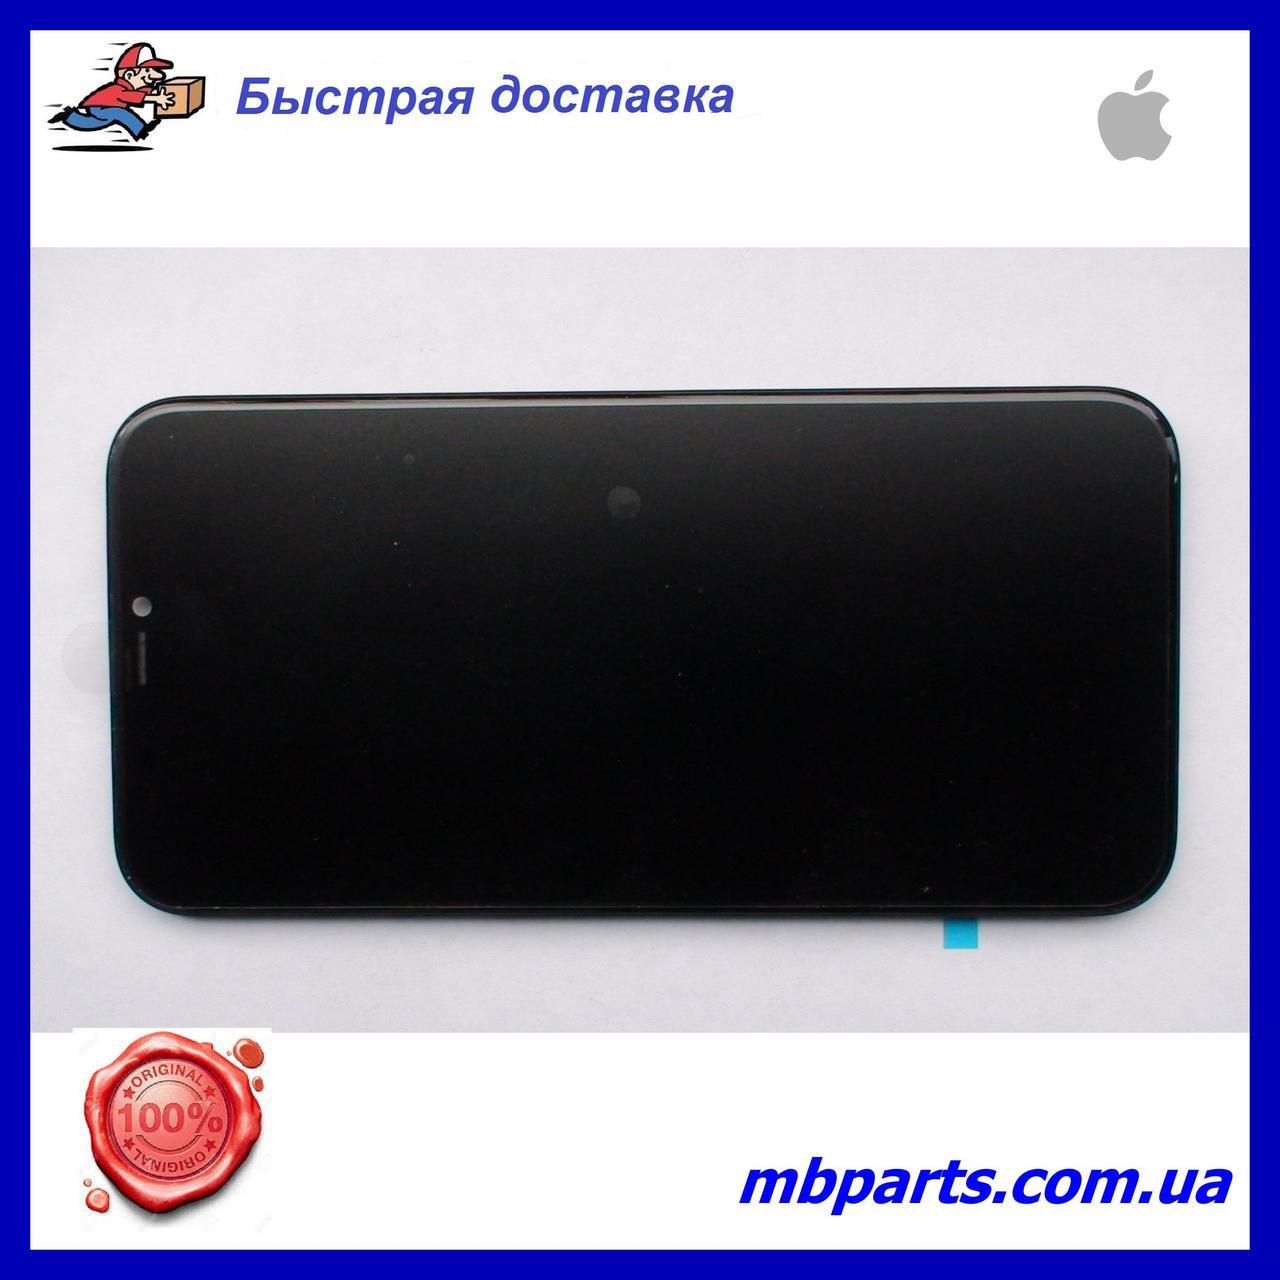 """Дисплей iPhone 11 (6.1"""") Black, оригинал с рамкой (восстановленное стекло)"""